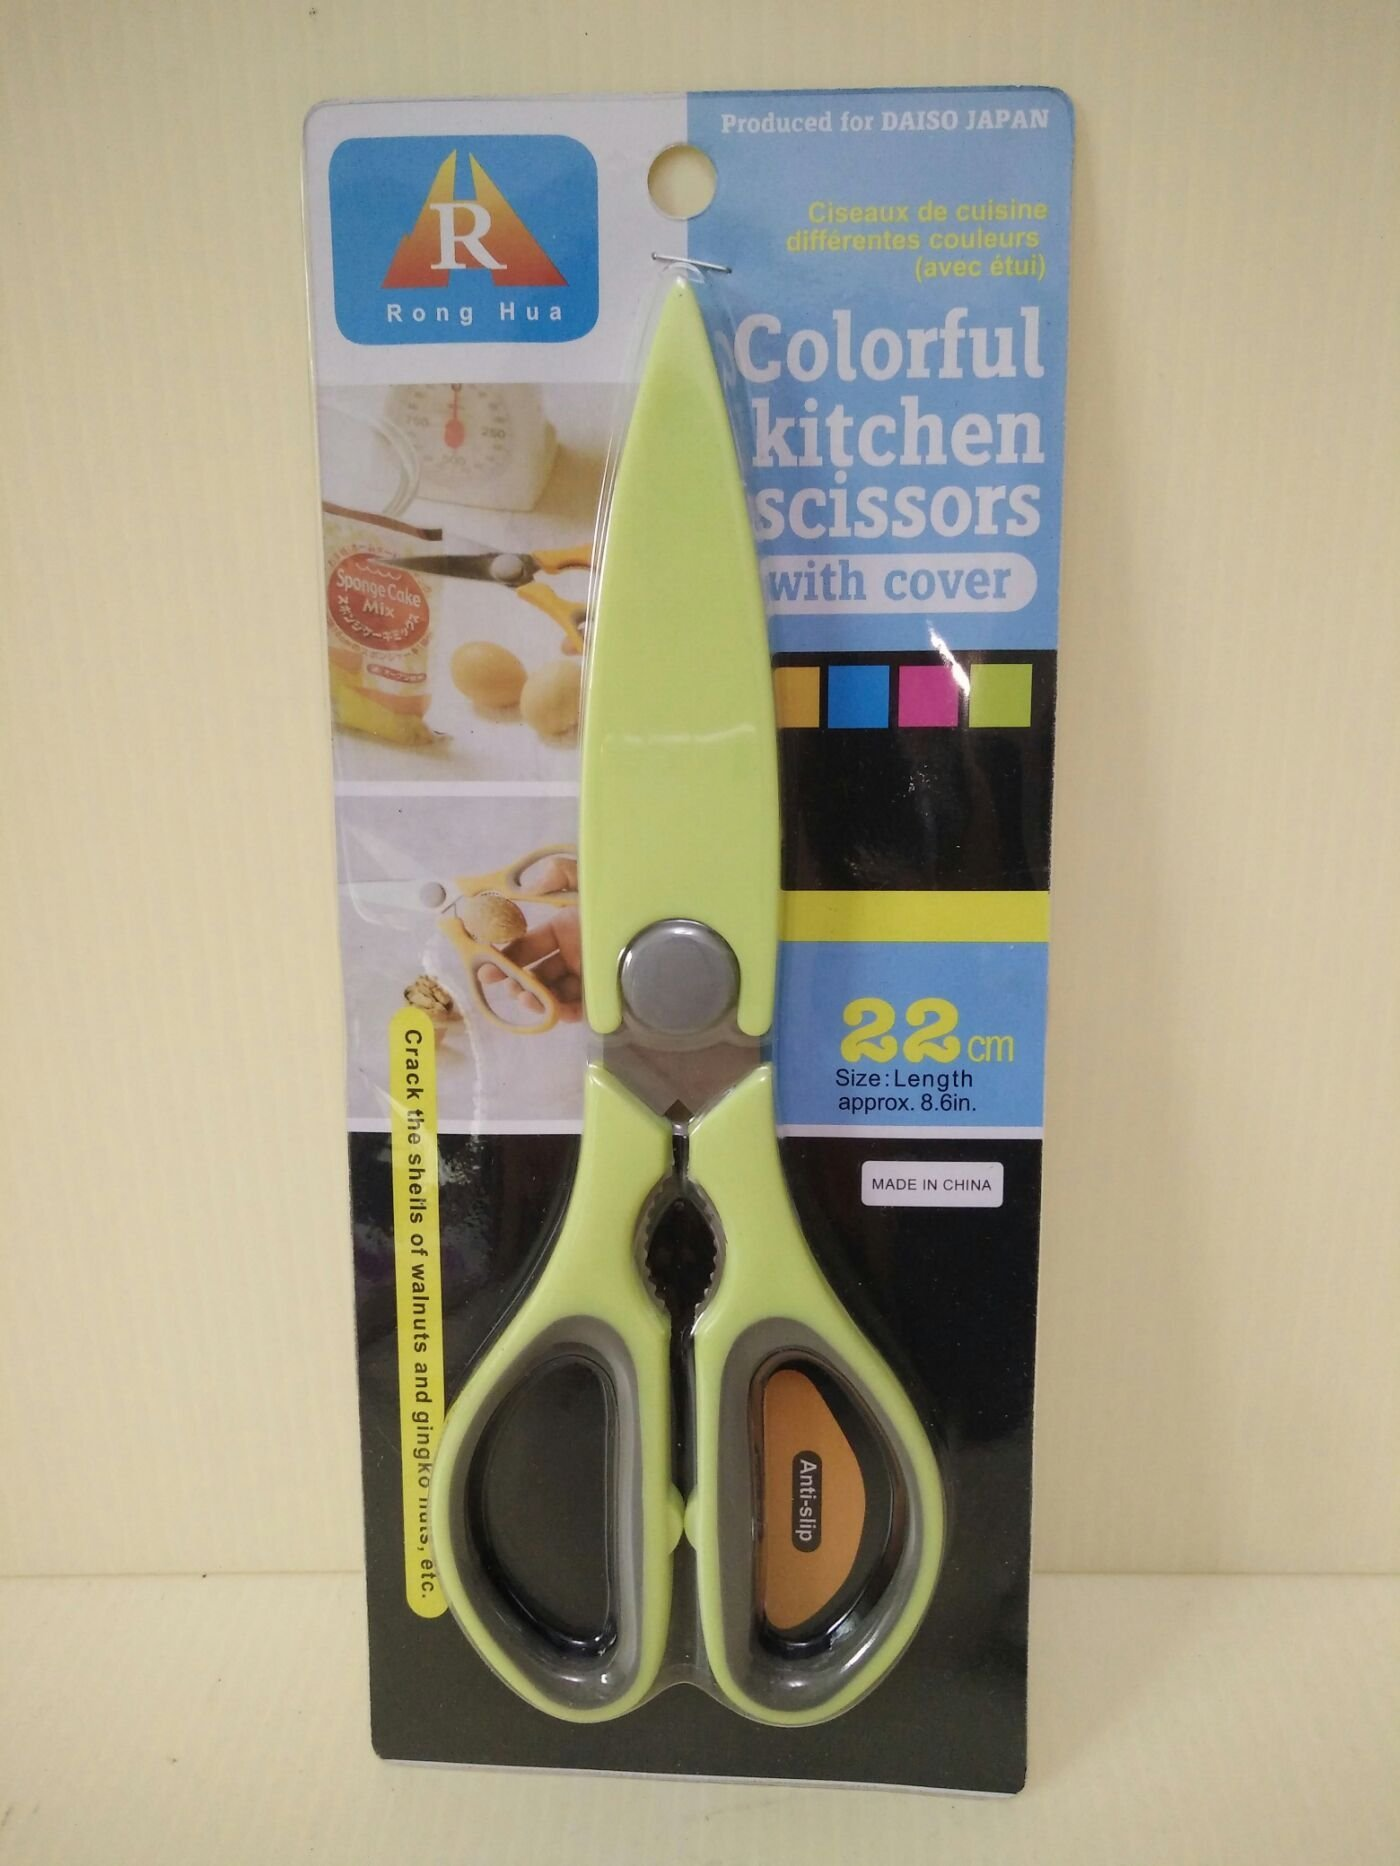 粉彩廚房安全剪刀(帶套)22cm(黃綠色)